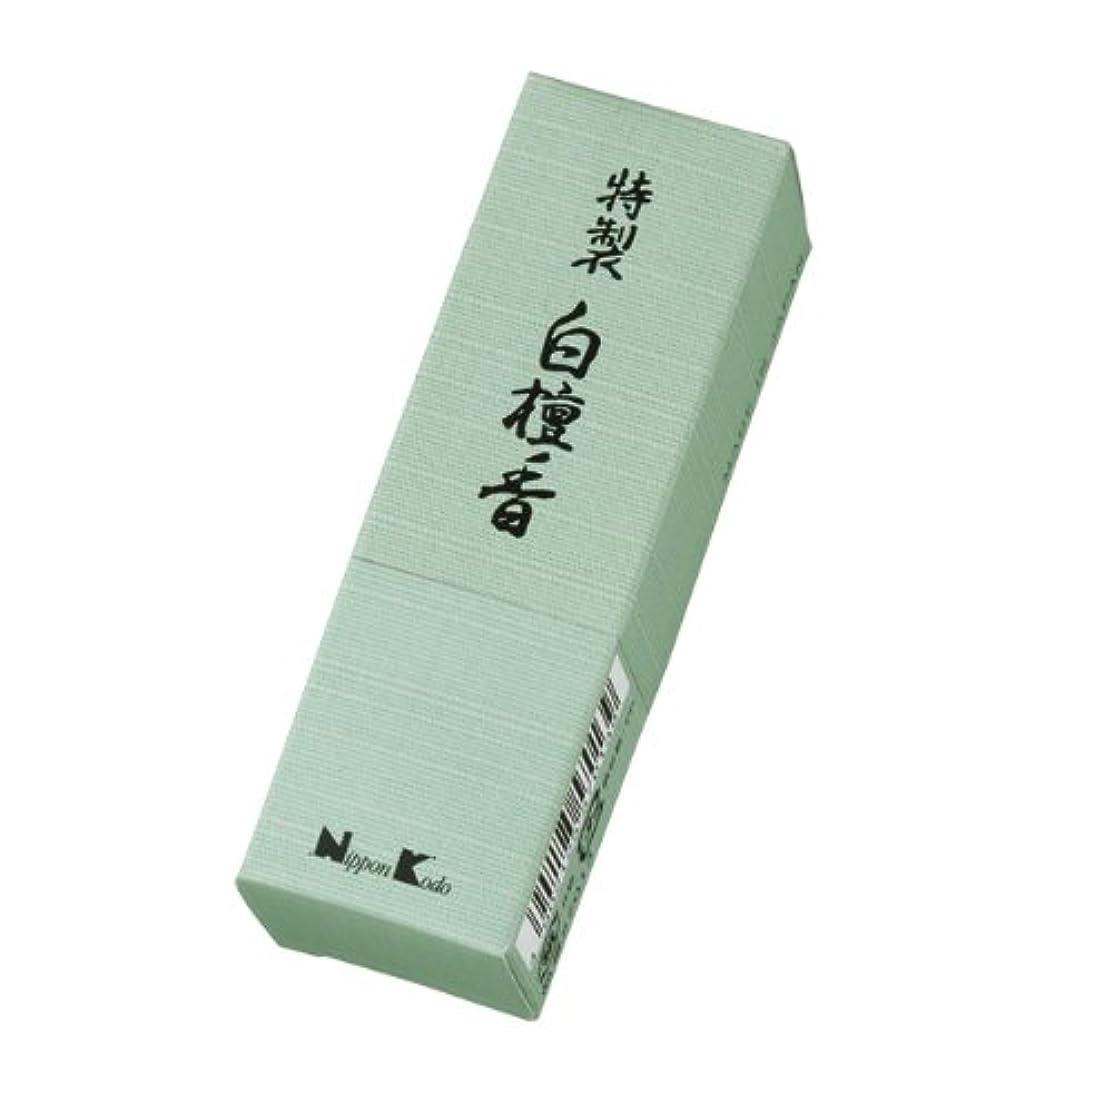 ママ圧縮されたカルシウム特製白檀香 スティック 24本入